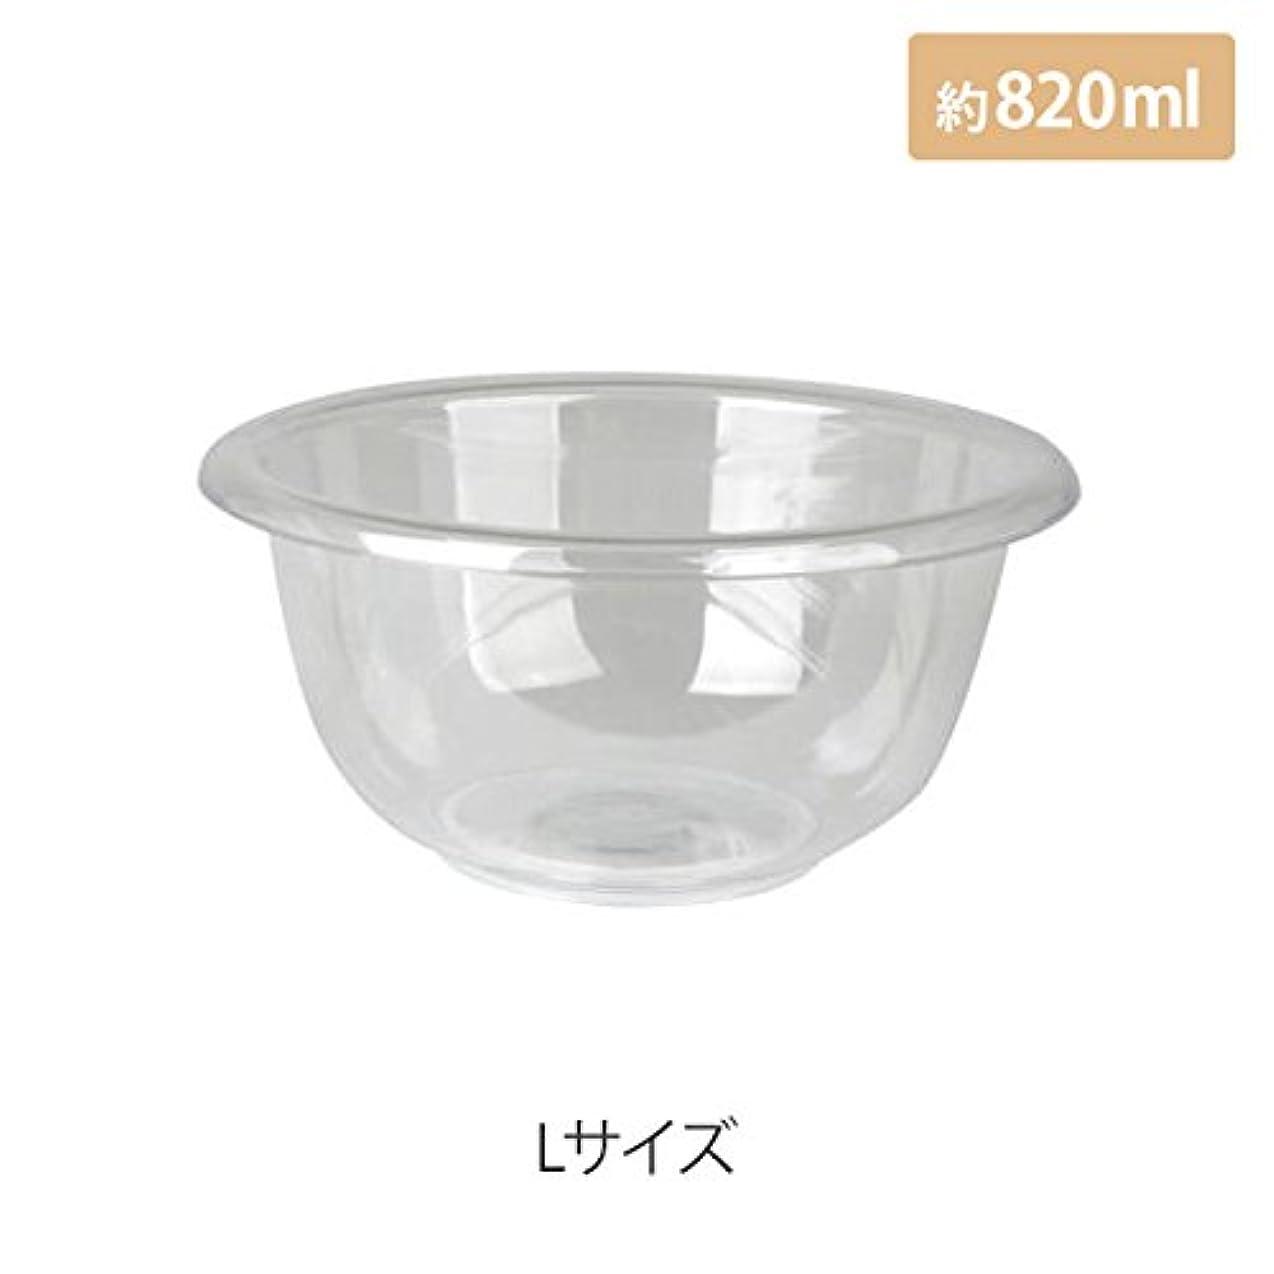 ピボット愛情深い滑り台マイスター プラスティックボウル (Lサイズ) クリア 直径19.5cm [ プラスチックボール カップボウル カップボール エステ サロン プラスチック ボウル カップ 割れない ]